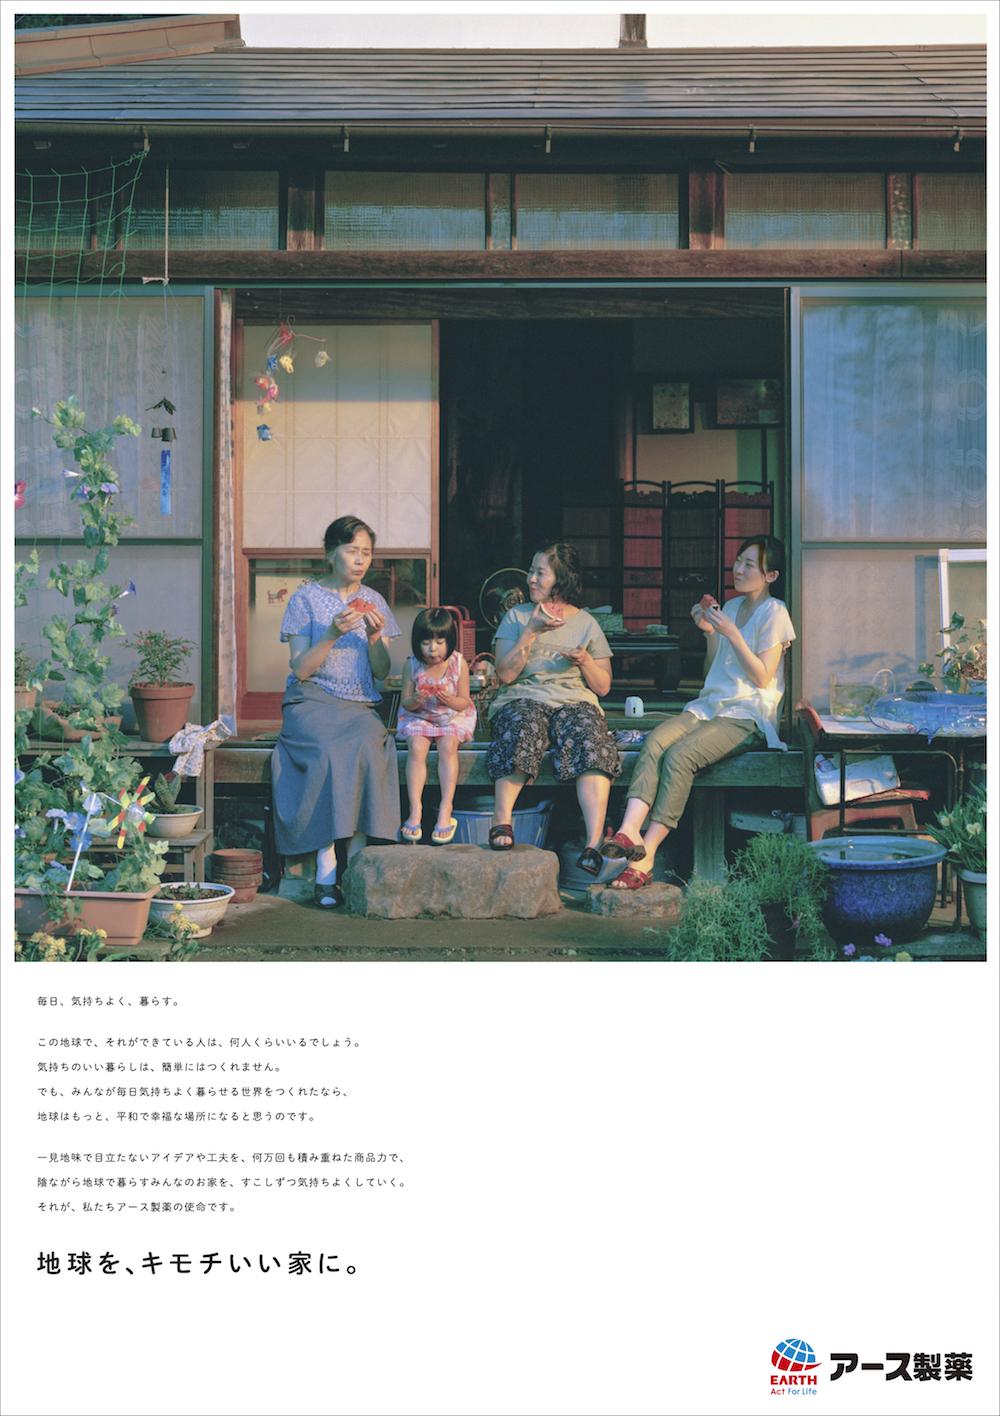 吉田家の縁側 前田亜季